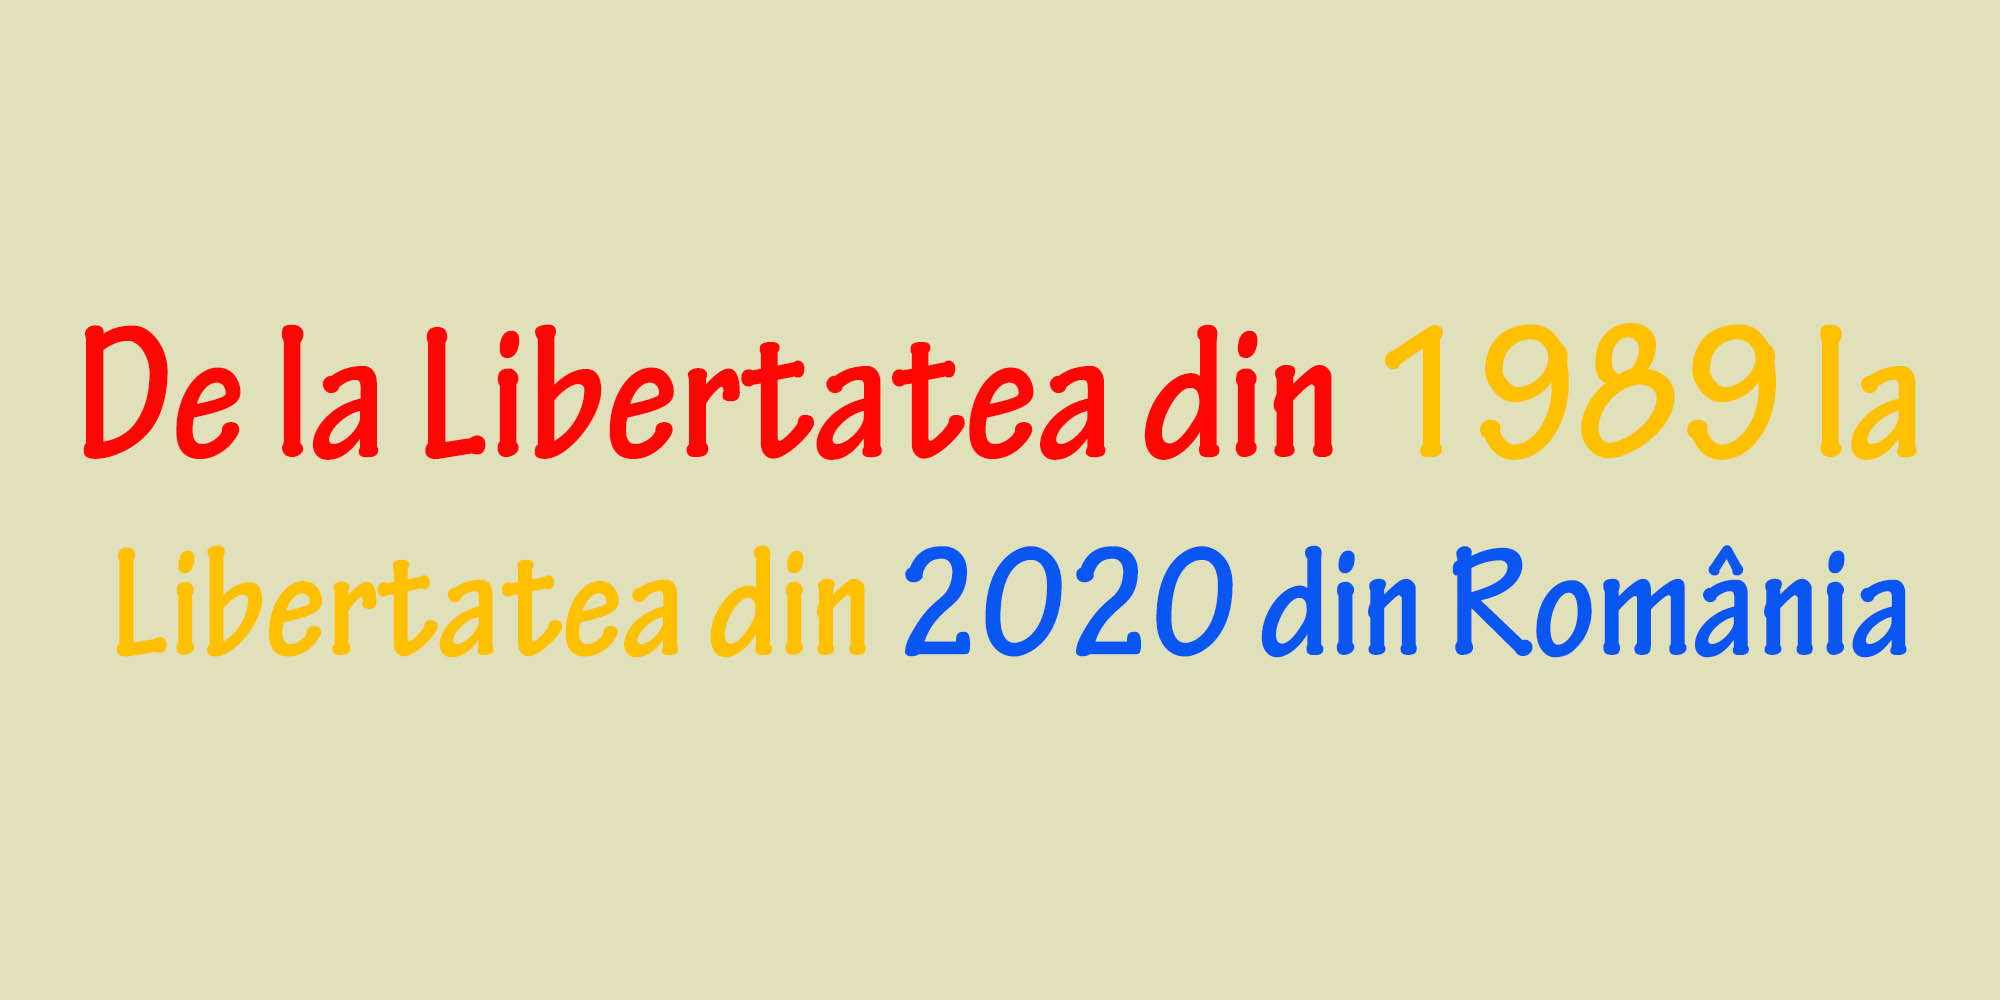 De la Libertatea din 1989 la libertatea din 2020